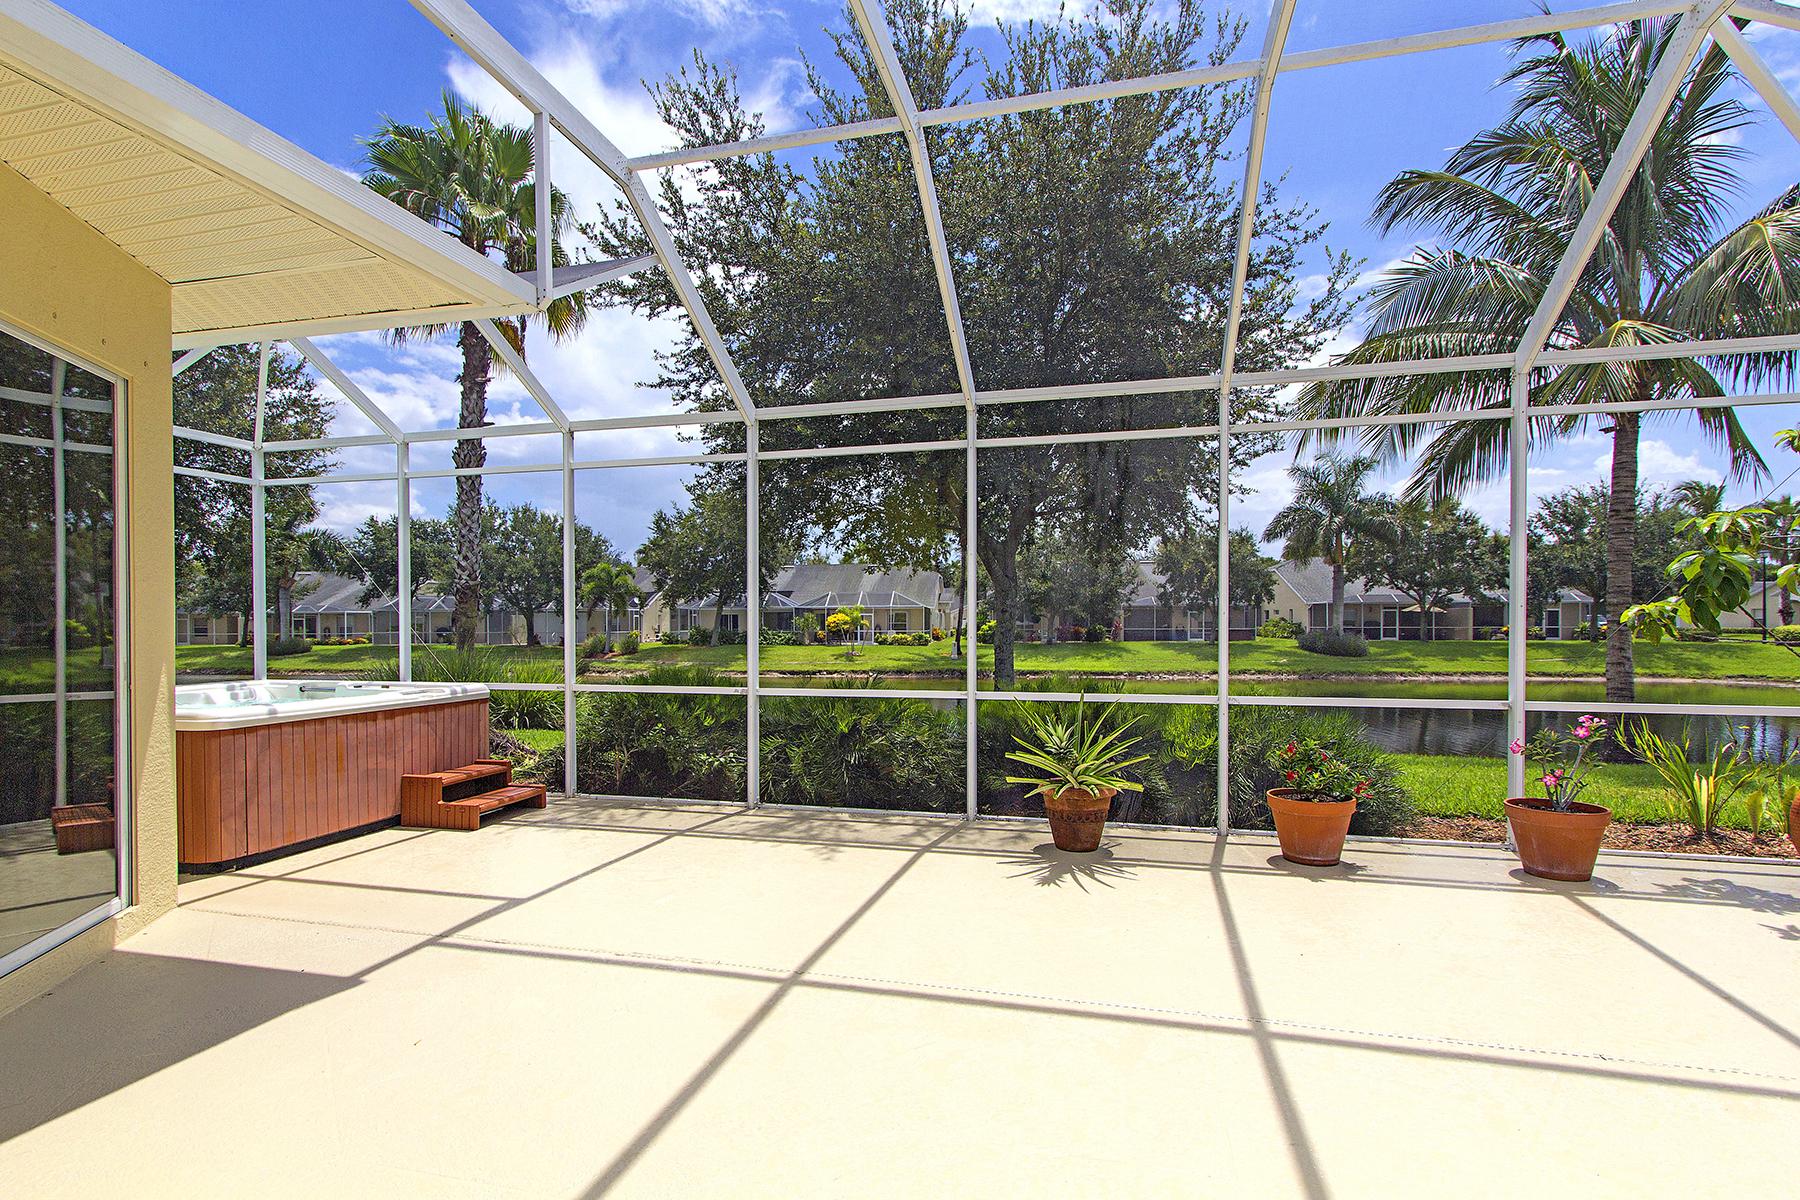 Частный односемейный дом для того Продажа на 8098 Tauren Ct , Naples, FL 34119 8098 Tauren Ct Naples, Флорида, 34119 Соединенные Штаты